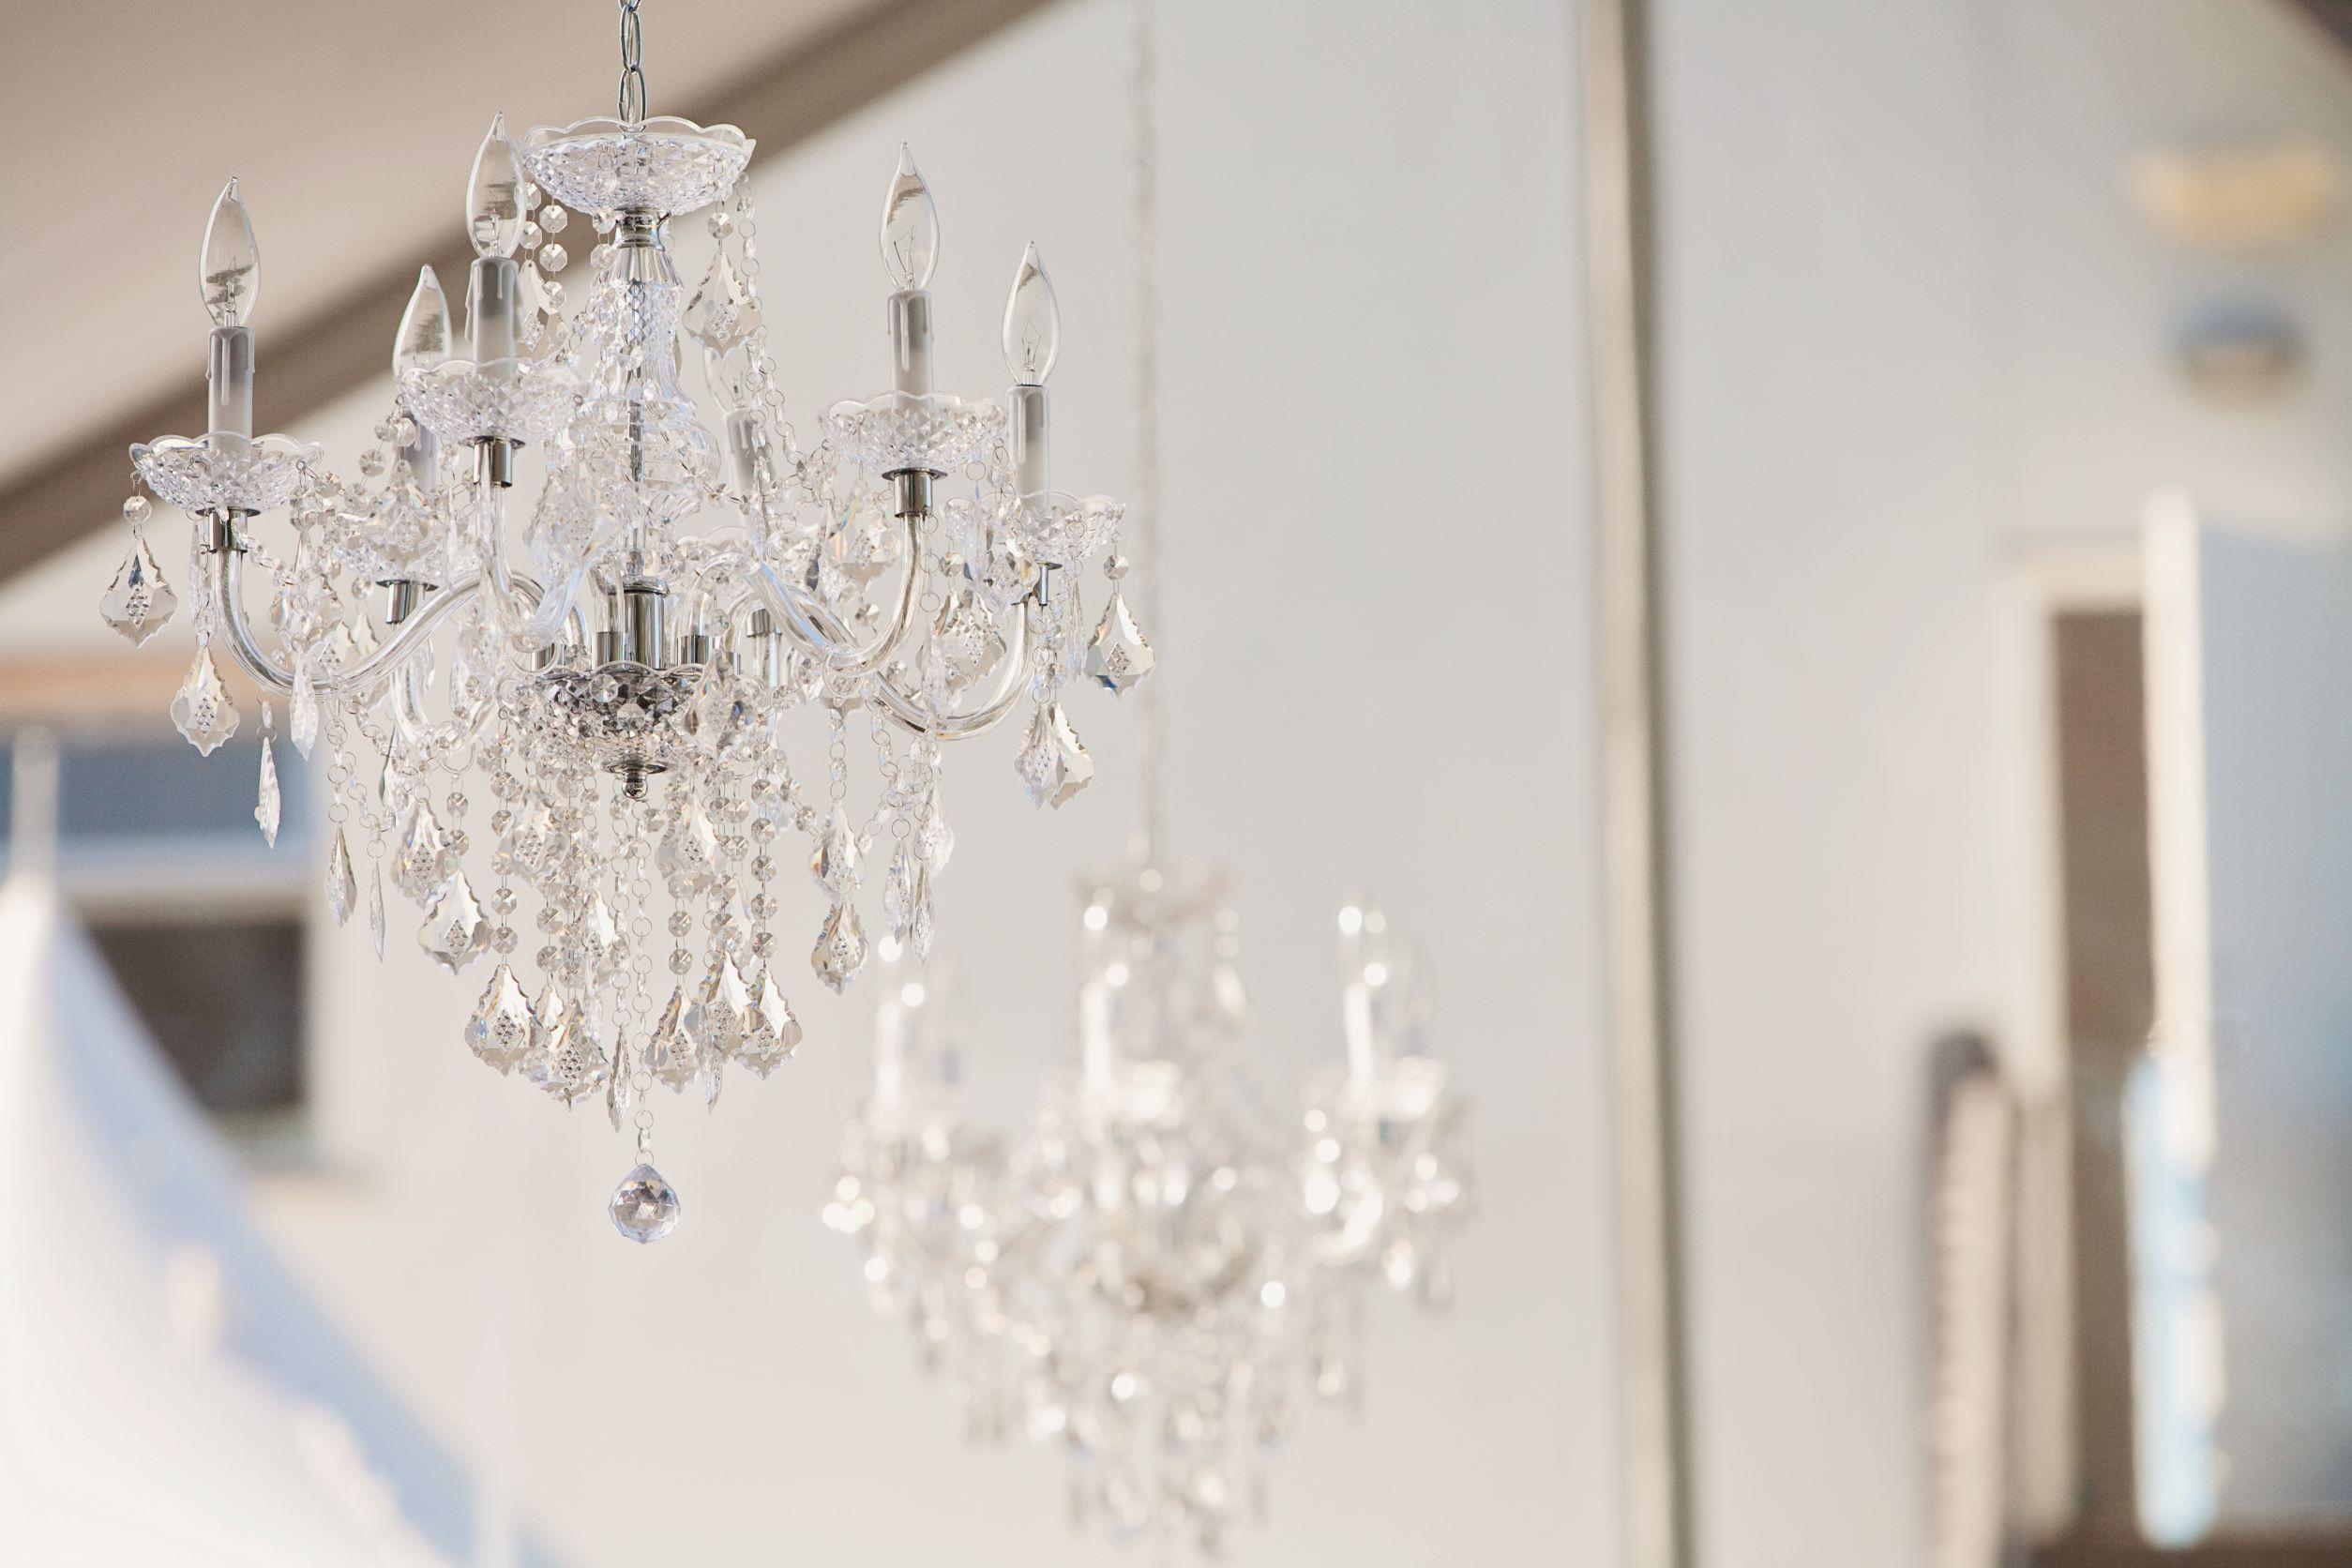 lampadari in vetro di murano e i lampadari moderni murano